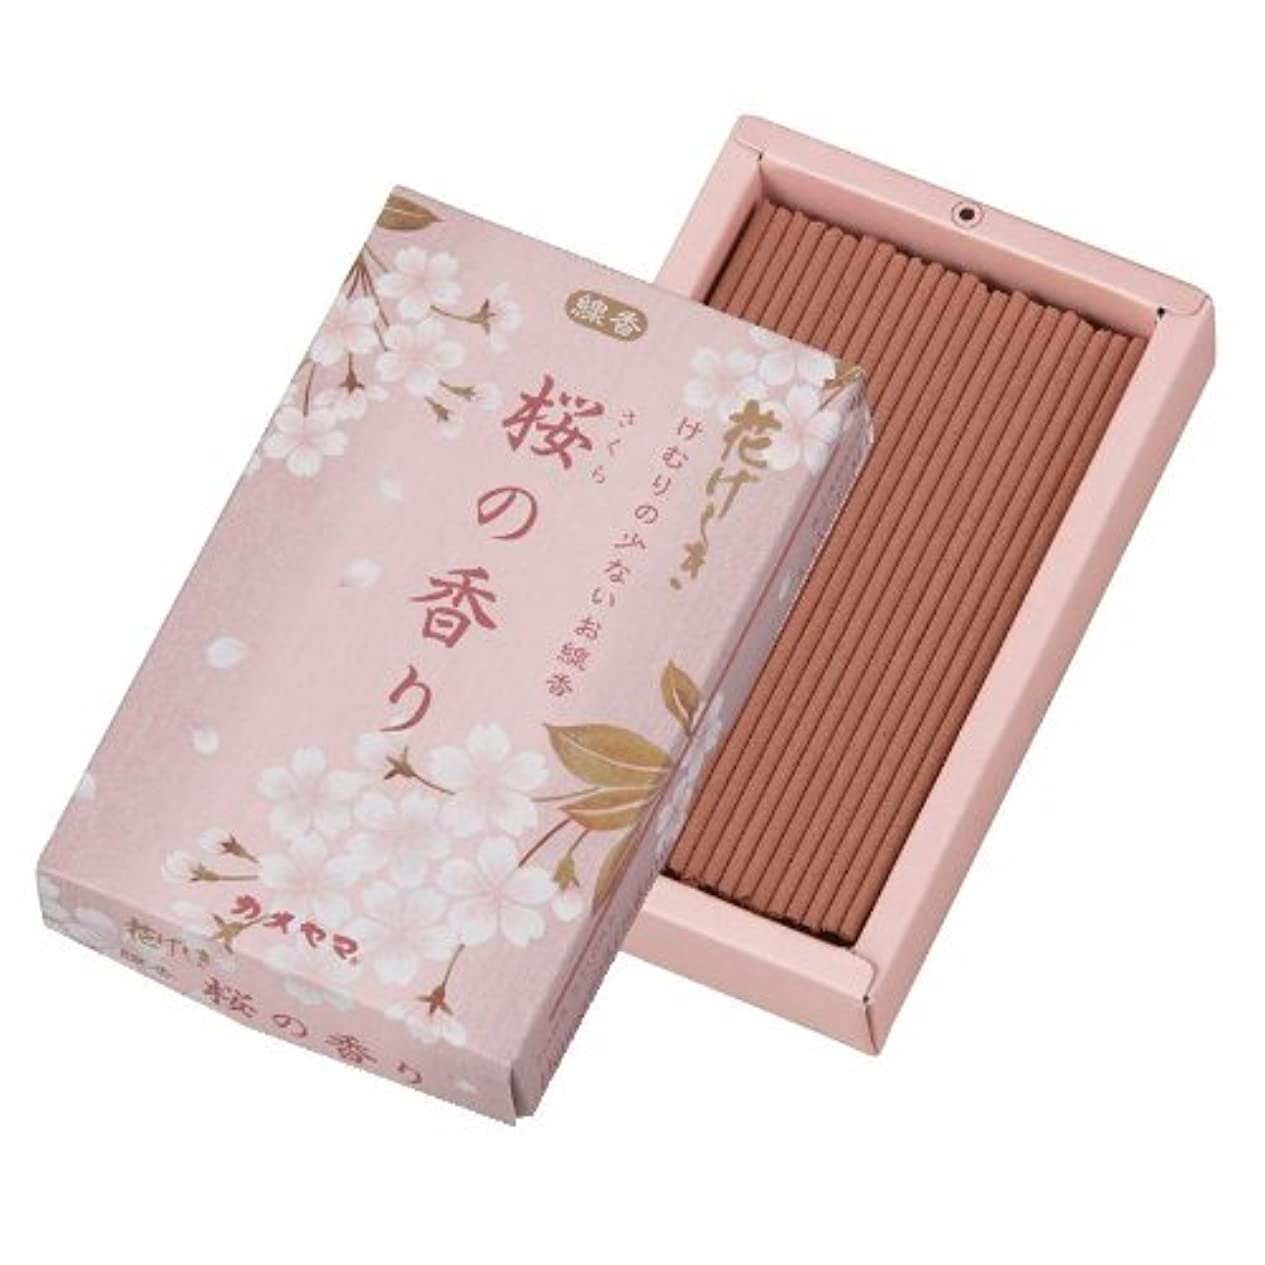 署名採用するボタン花げしき 桜の香りミニ寸 50g